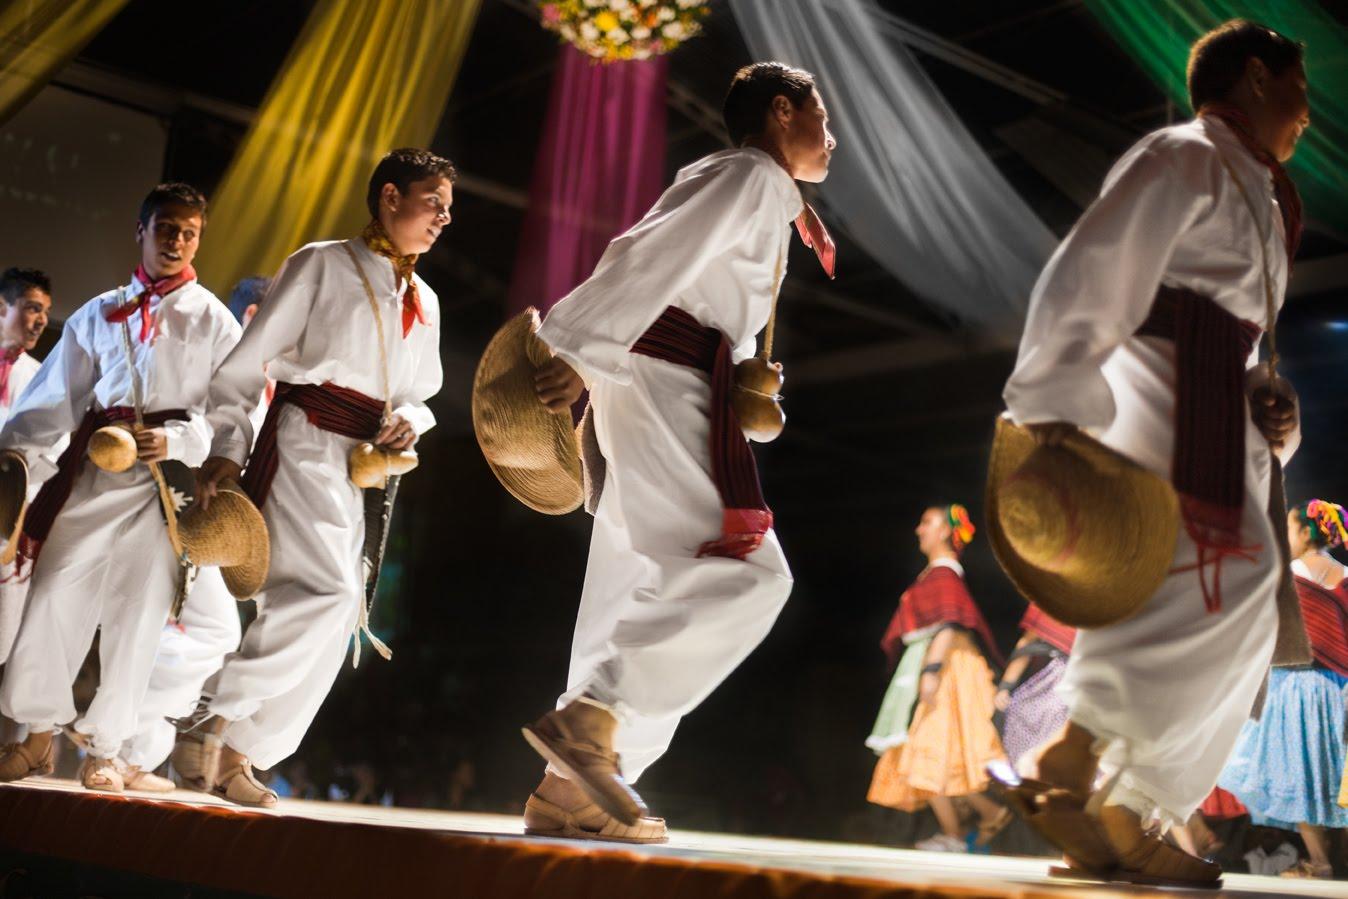 Concurso de Huapango en San Joaquín, tercer evento cultural de importancia nacional: Casas Vega